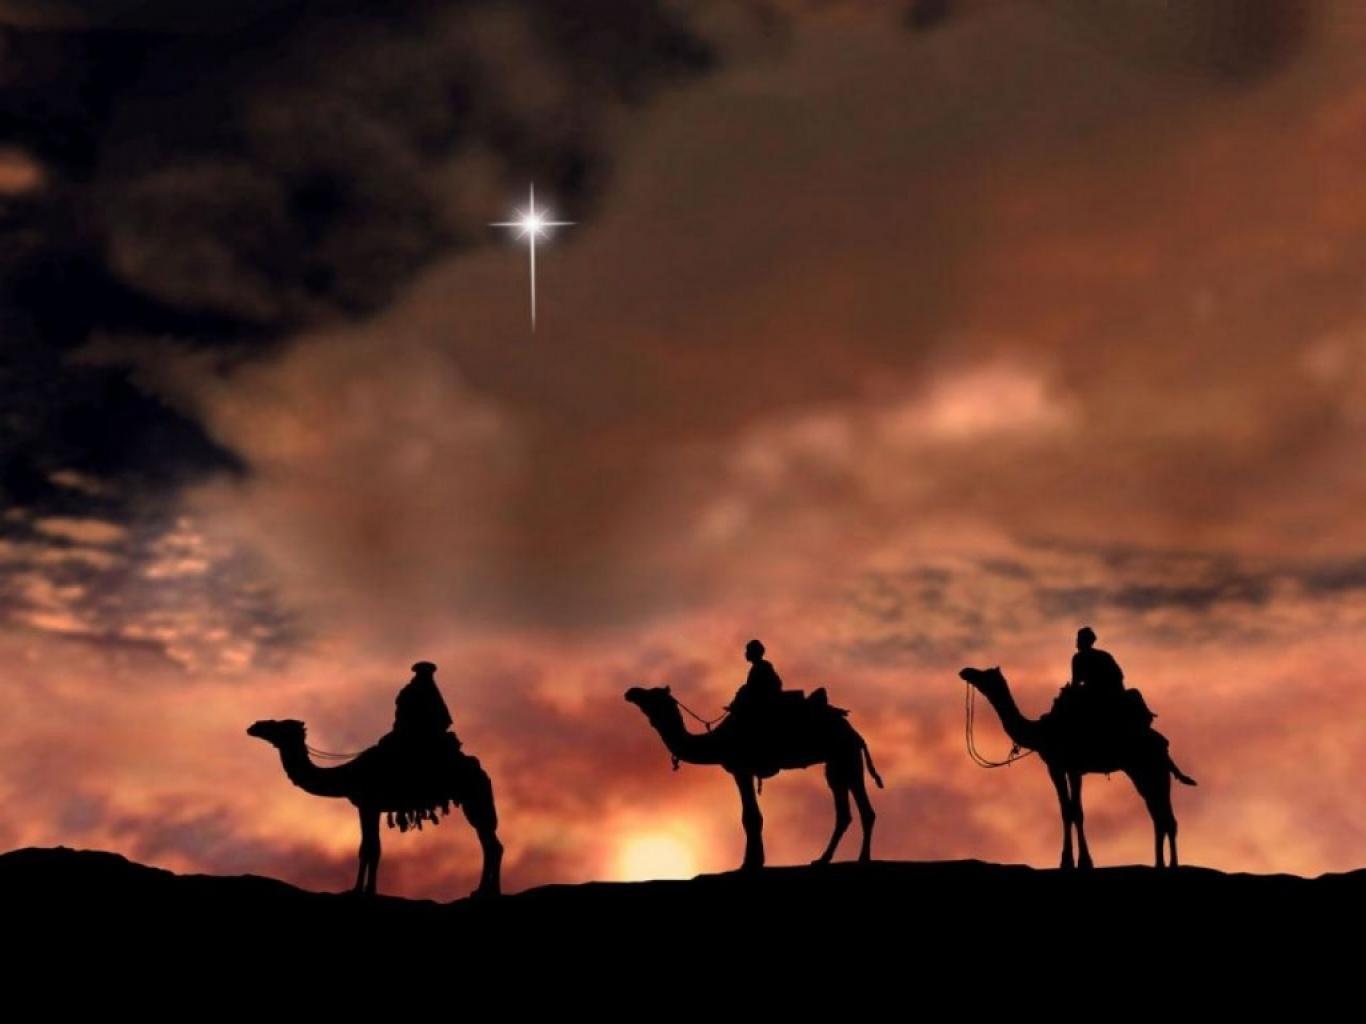 La historia de los tres reyes magos también está reflejada en la tradición islámica, aunque no en el Corán o los Hadith